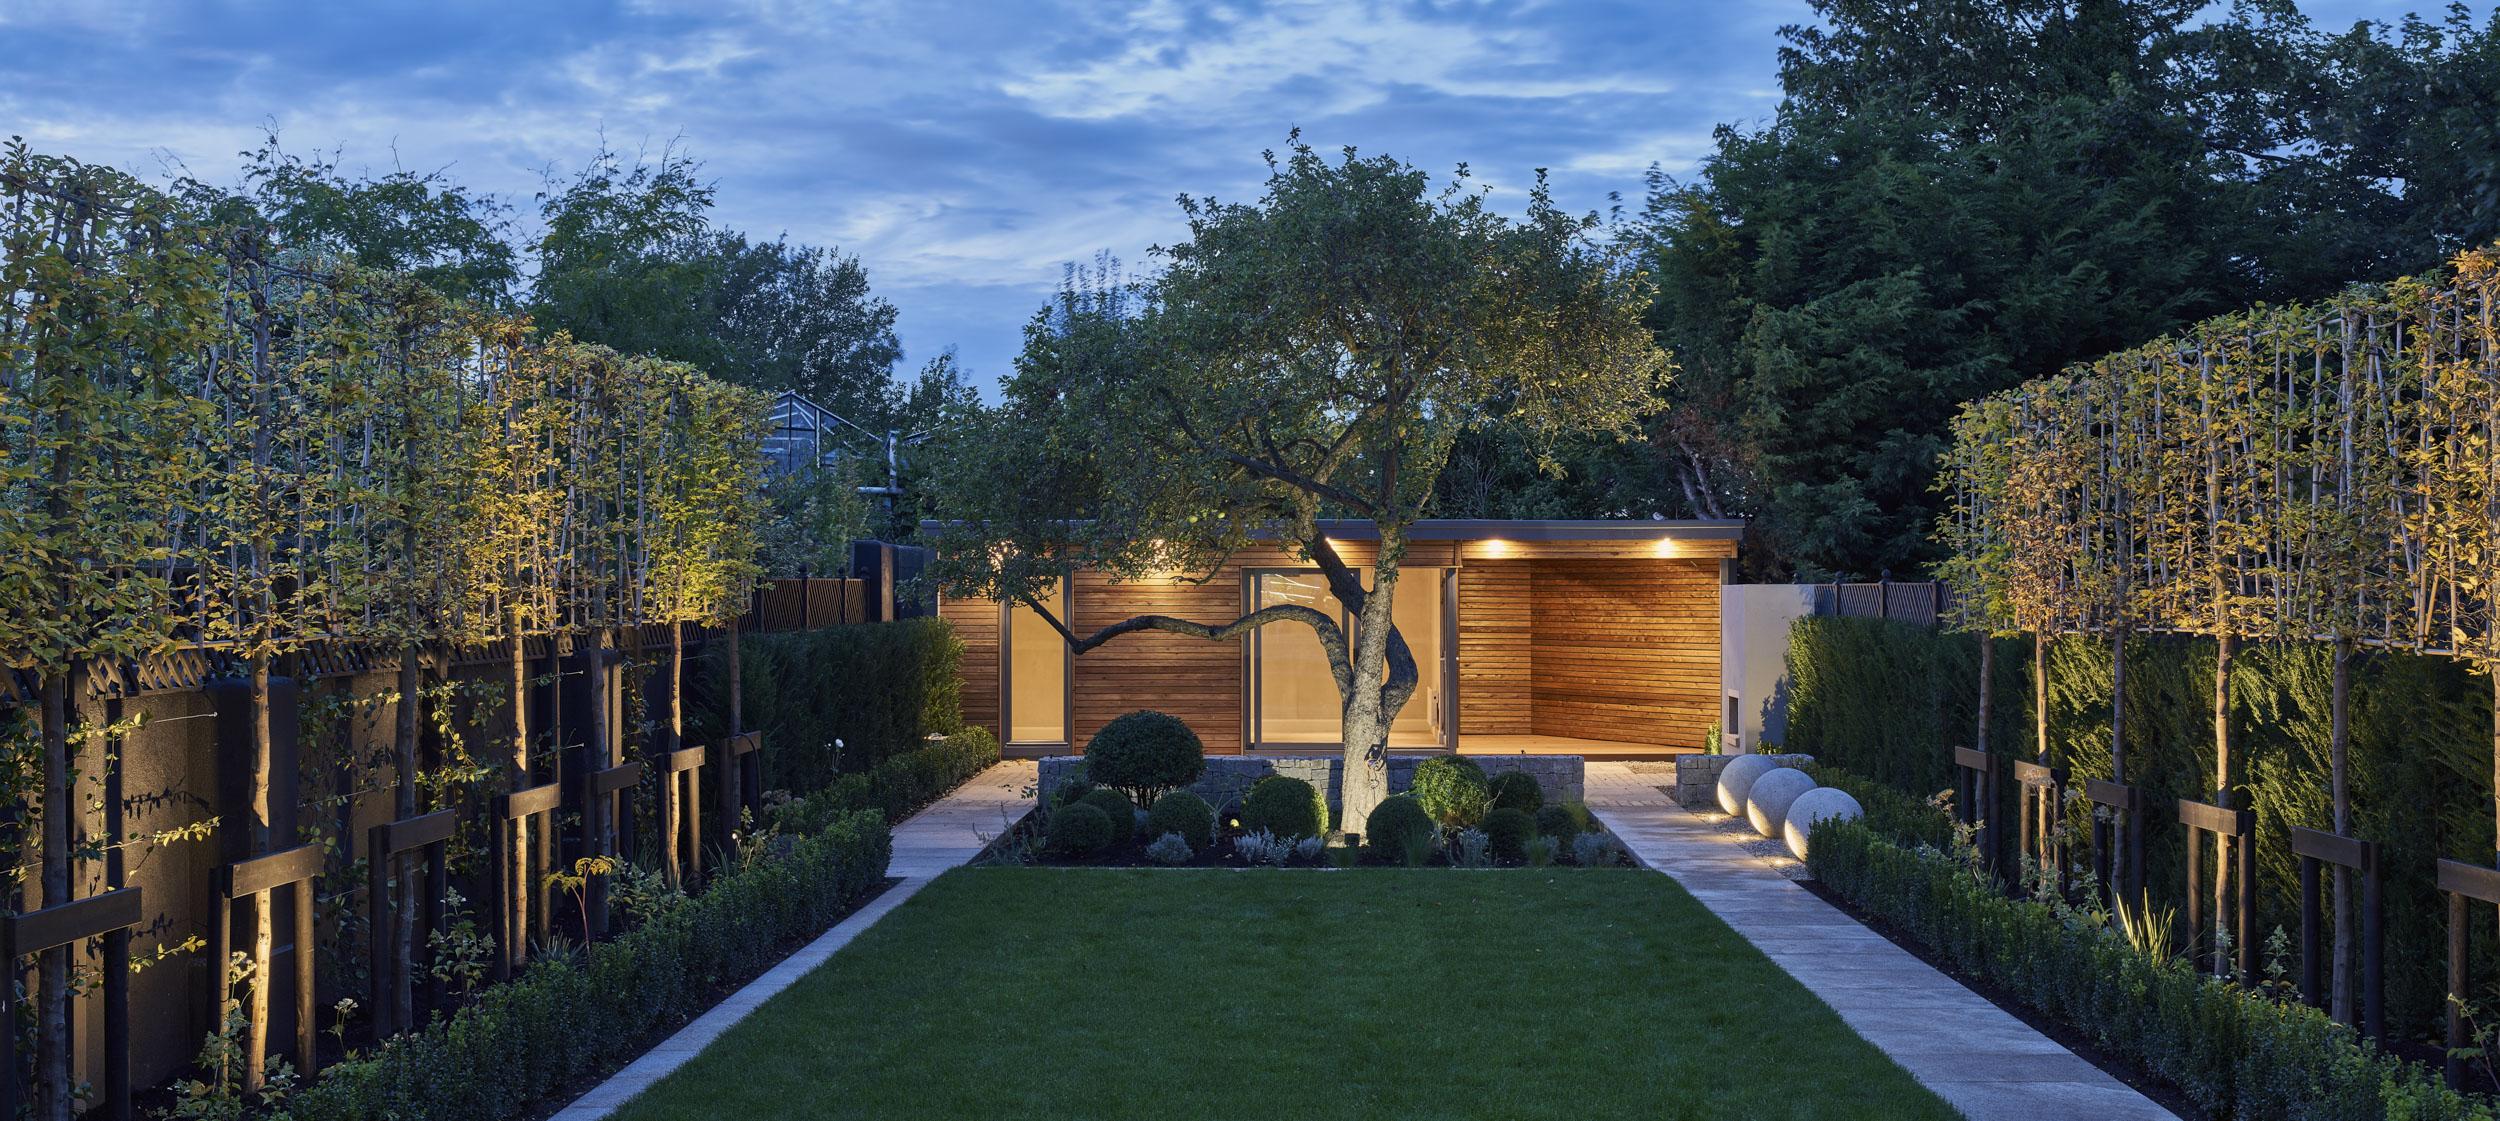 Top 10 Garden Designs of 2020